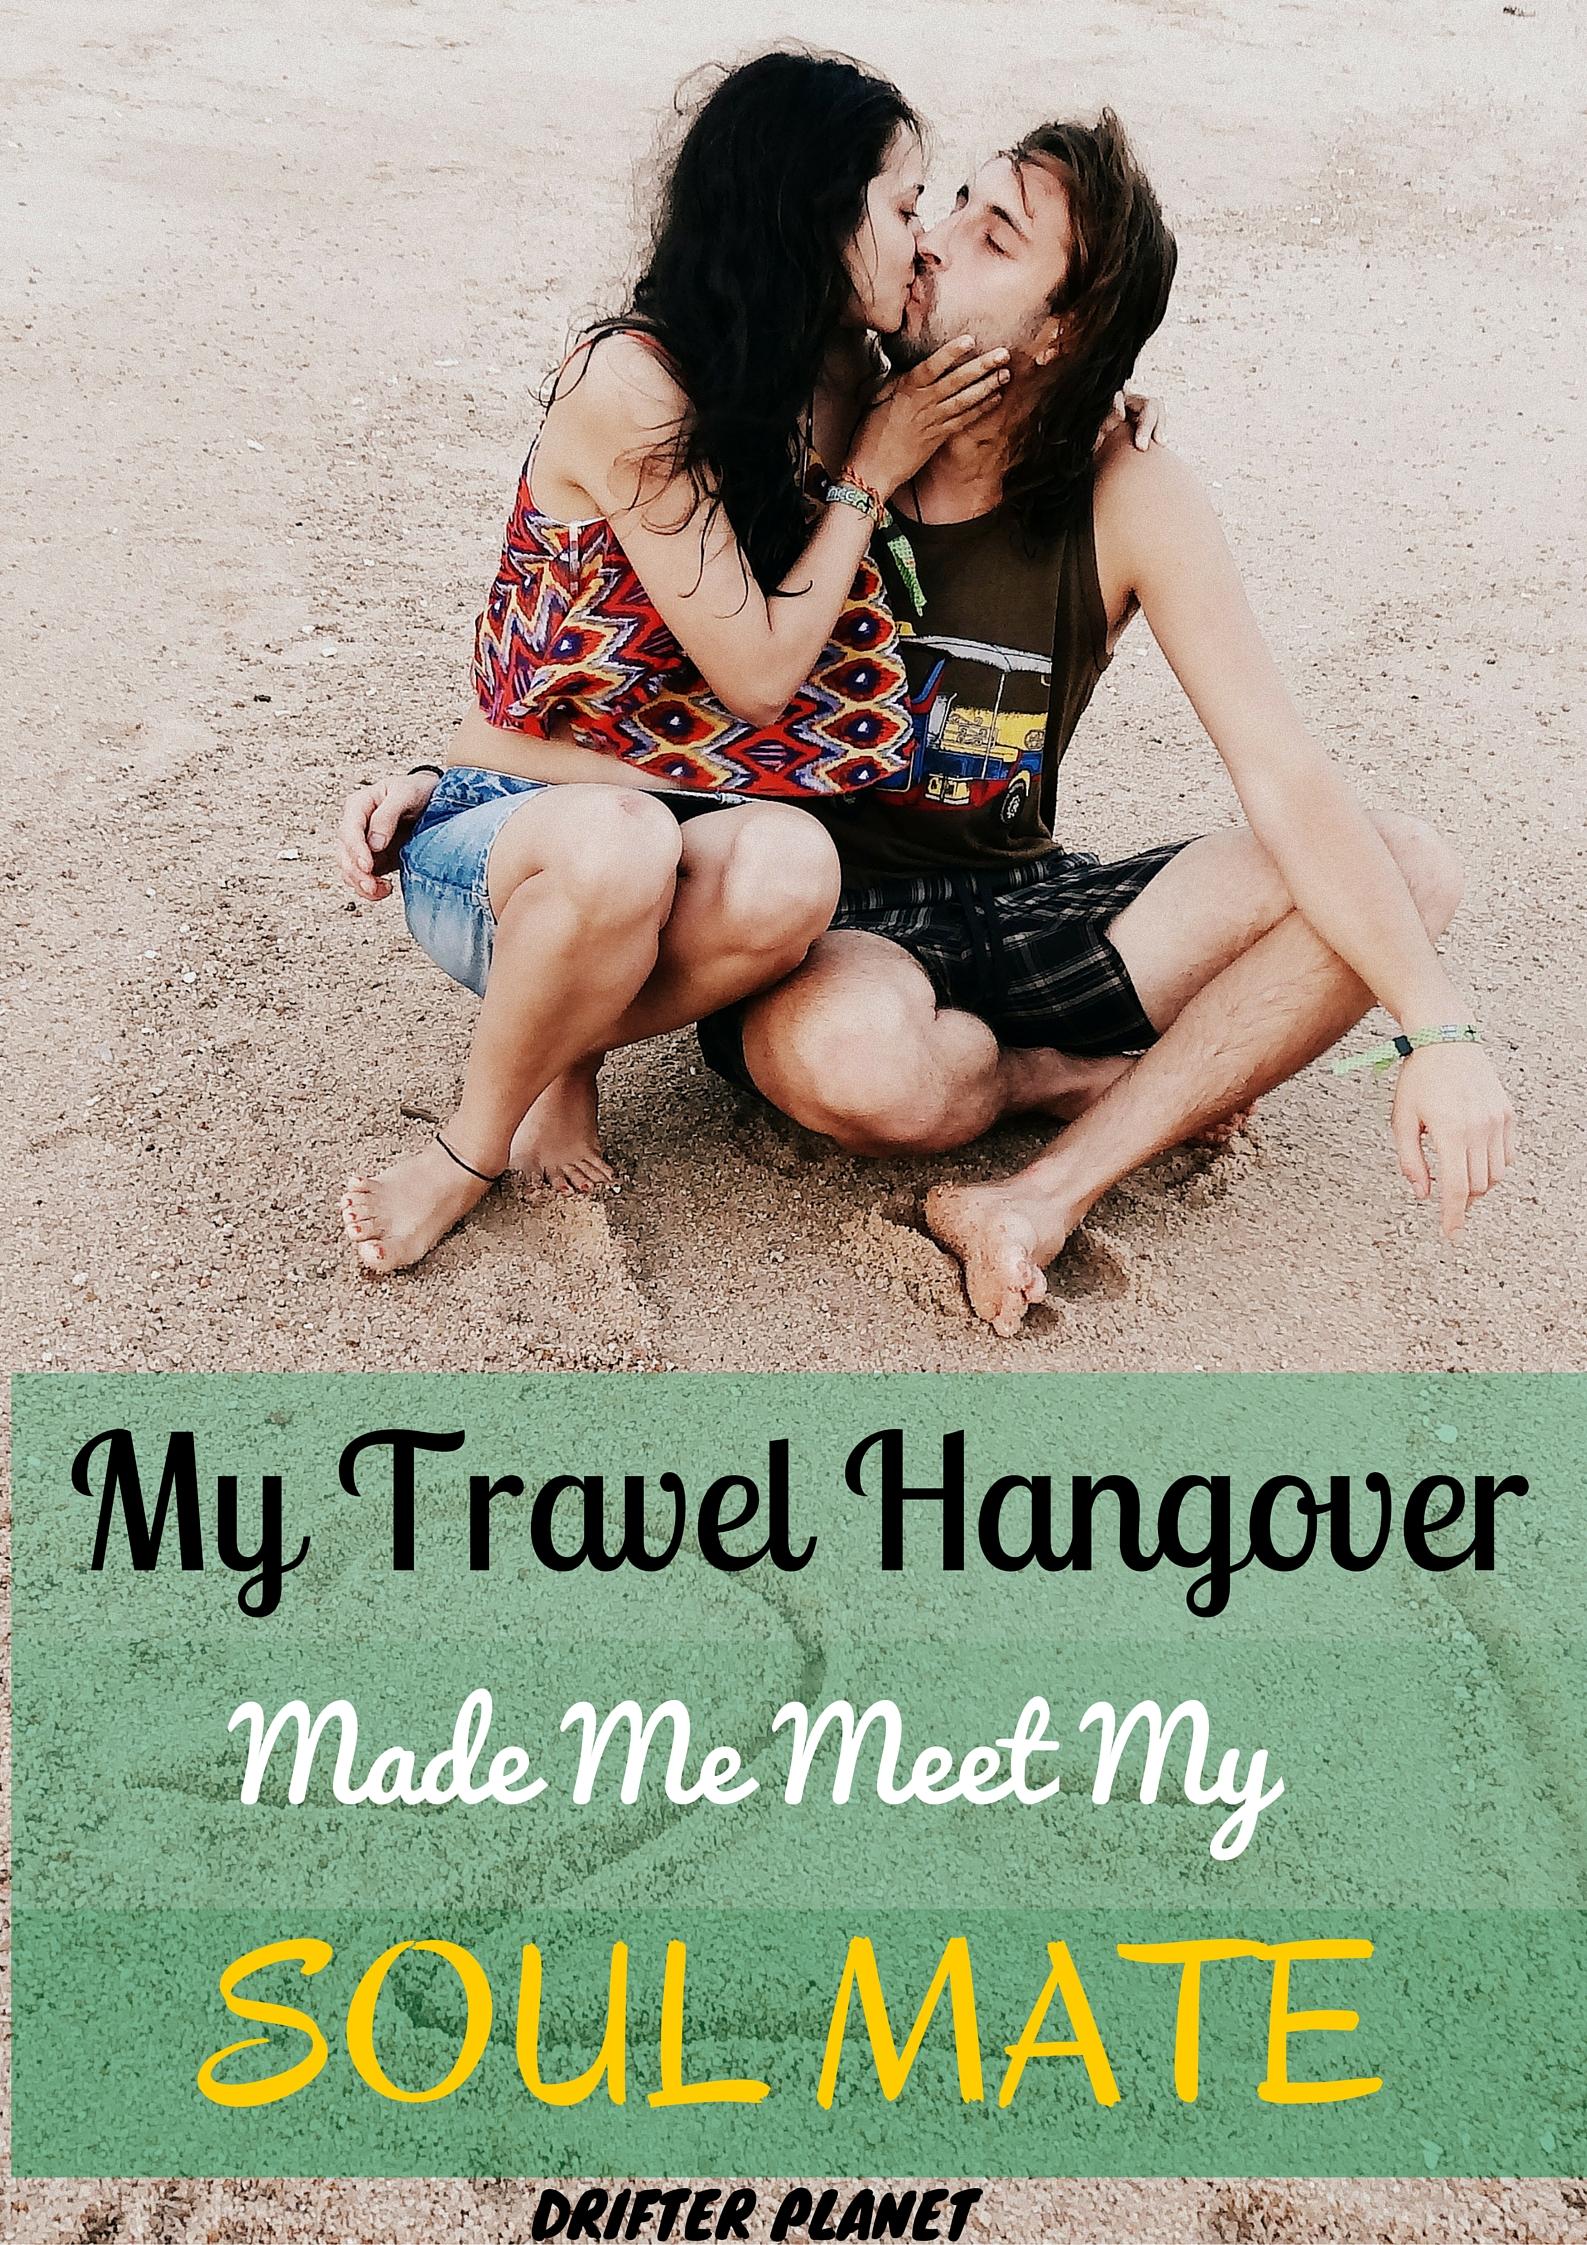 My Travel Hangover Made Me Meet My Soul Mate - Drifter Planet